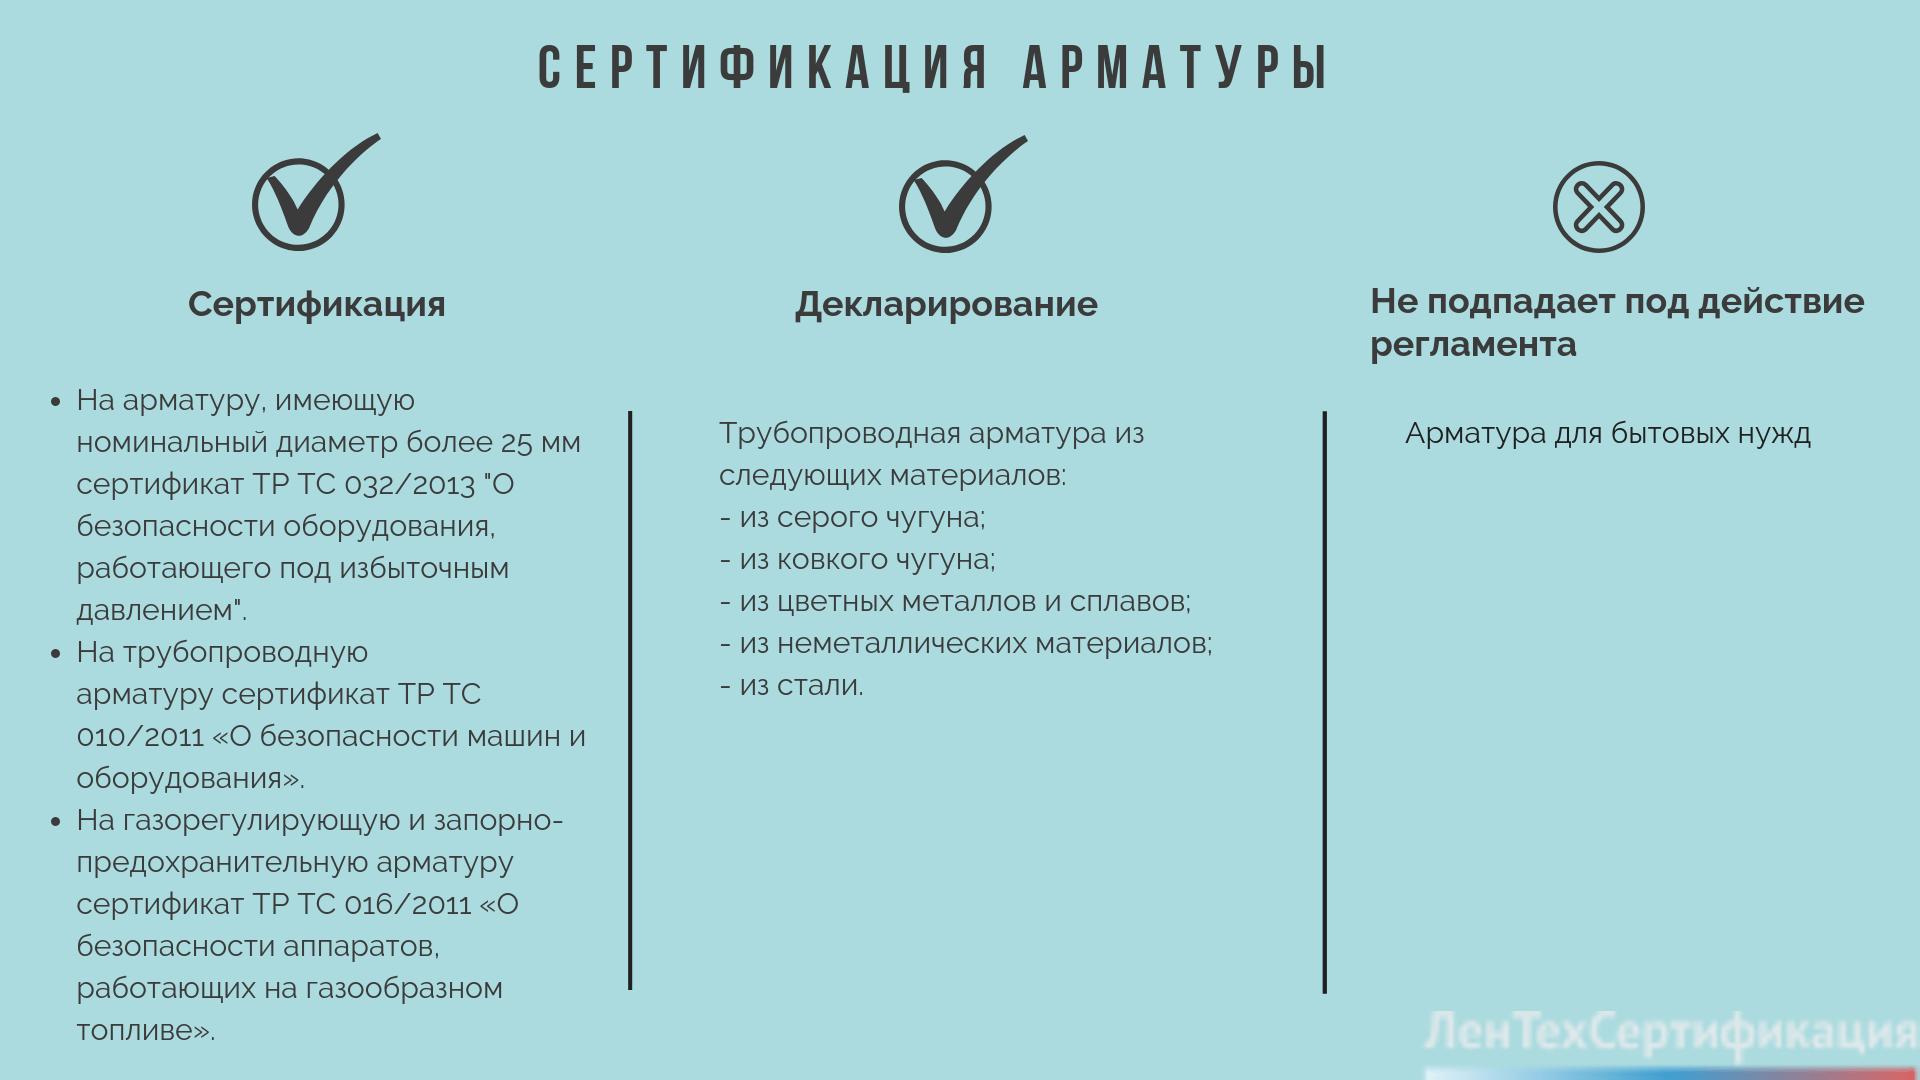 сертификация арматуры